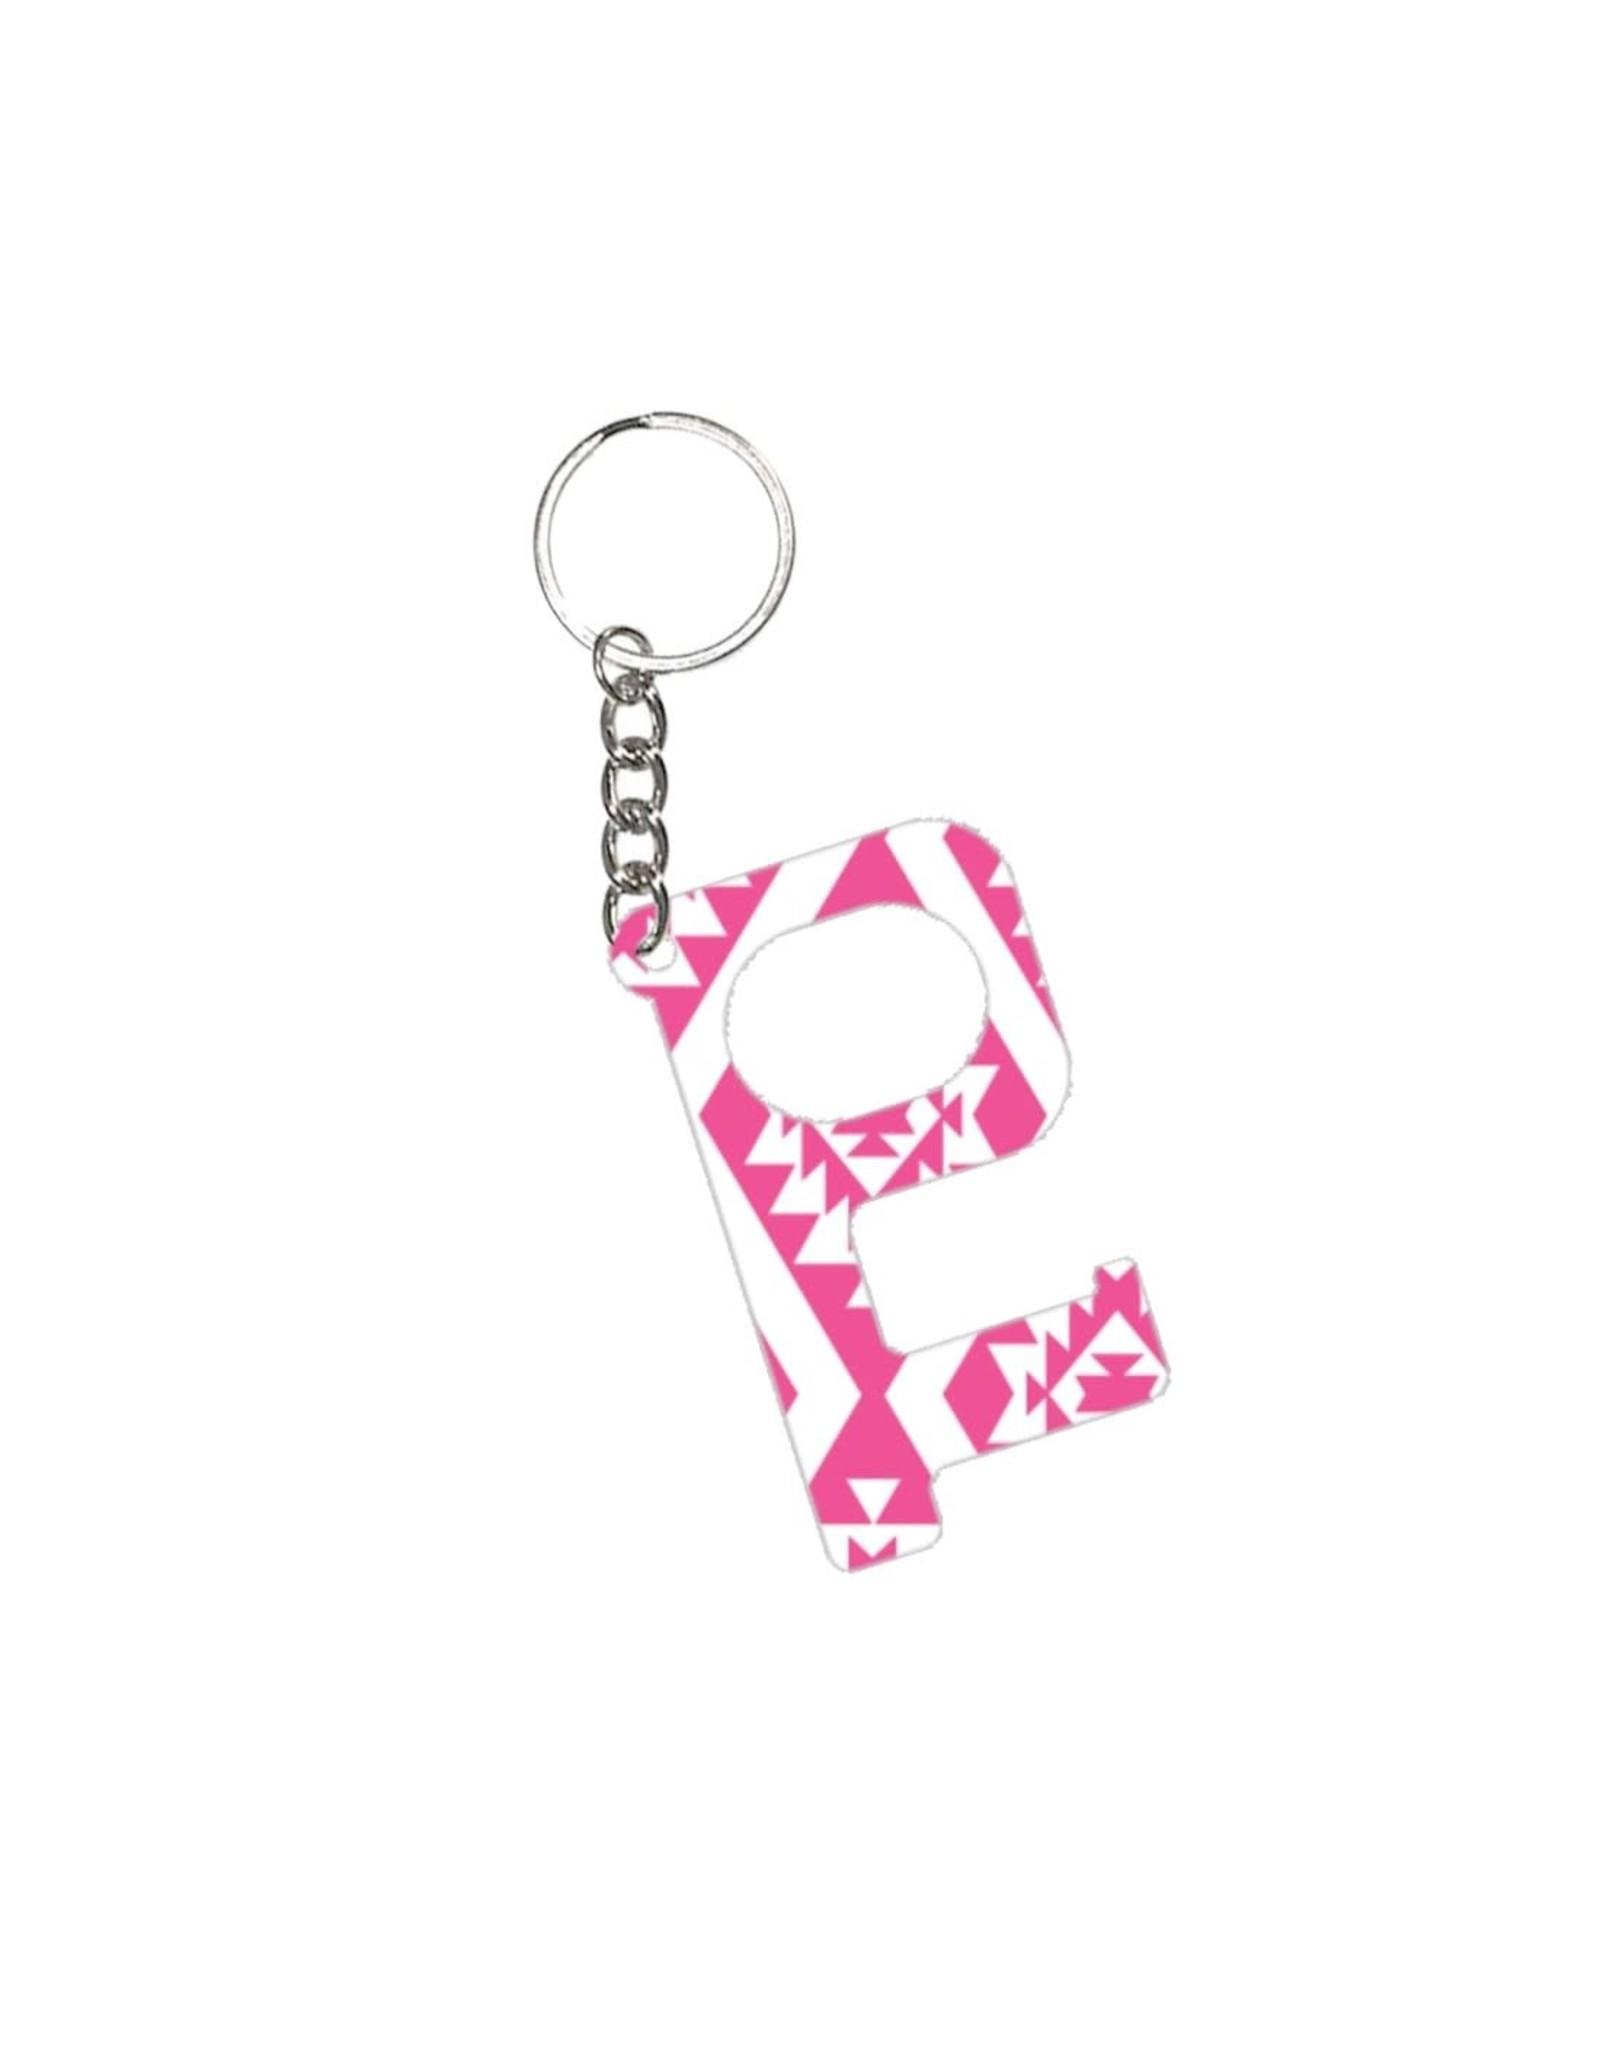 Acrylic Door Key, Pink Aztec